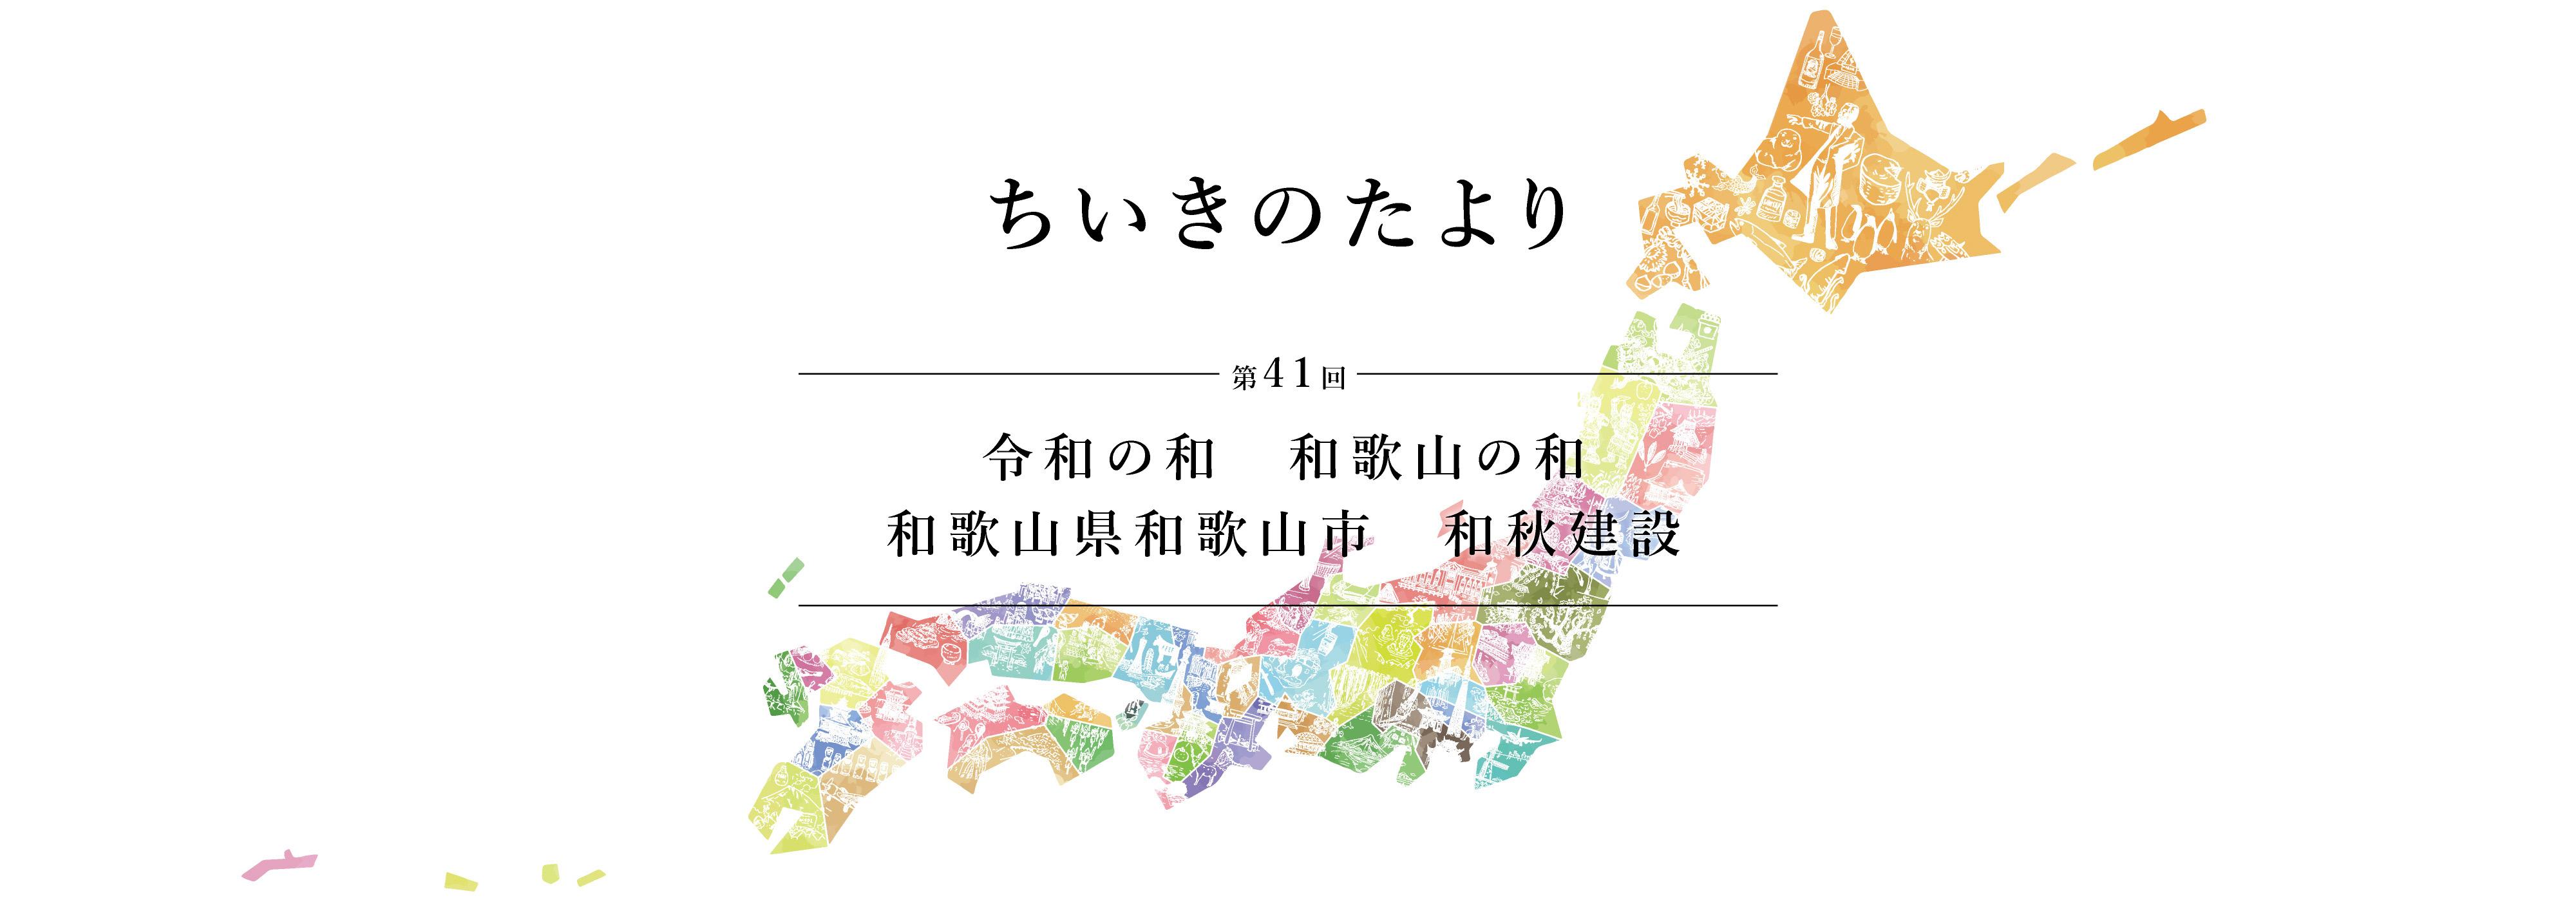 ちいきのたより第41回令和の和 和歌山の和 和歌山県和歌山市 和秋建設